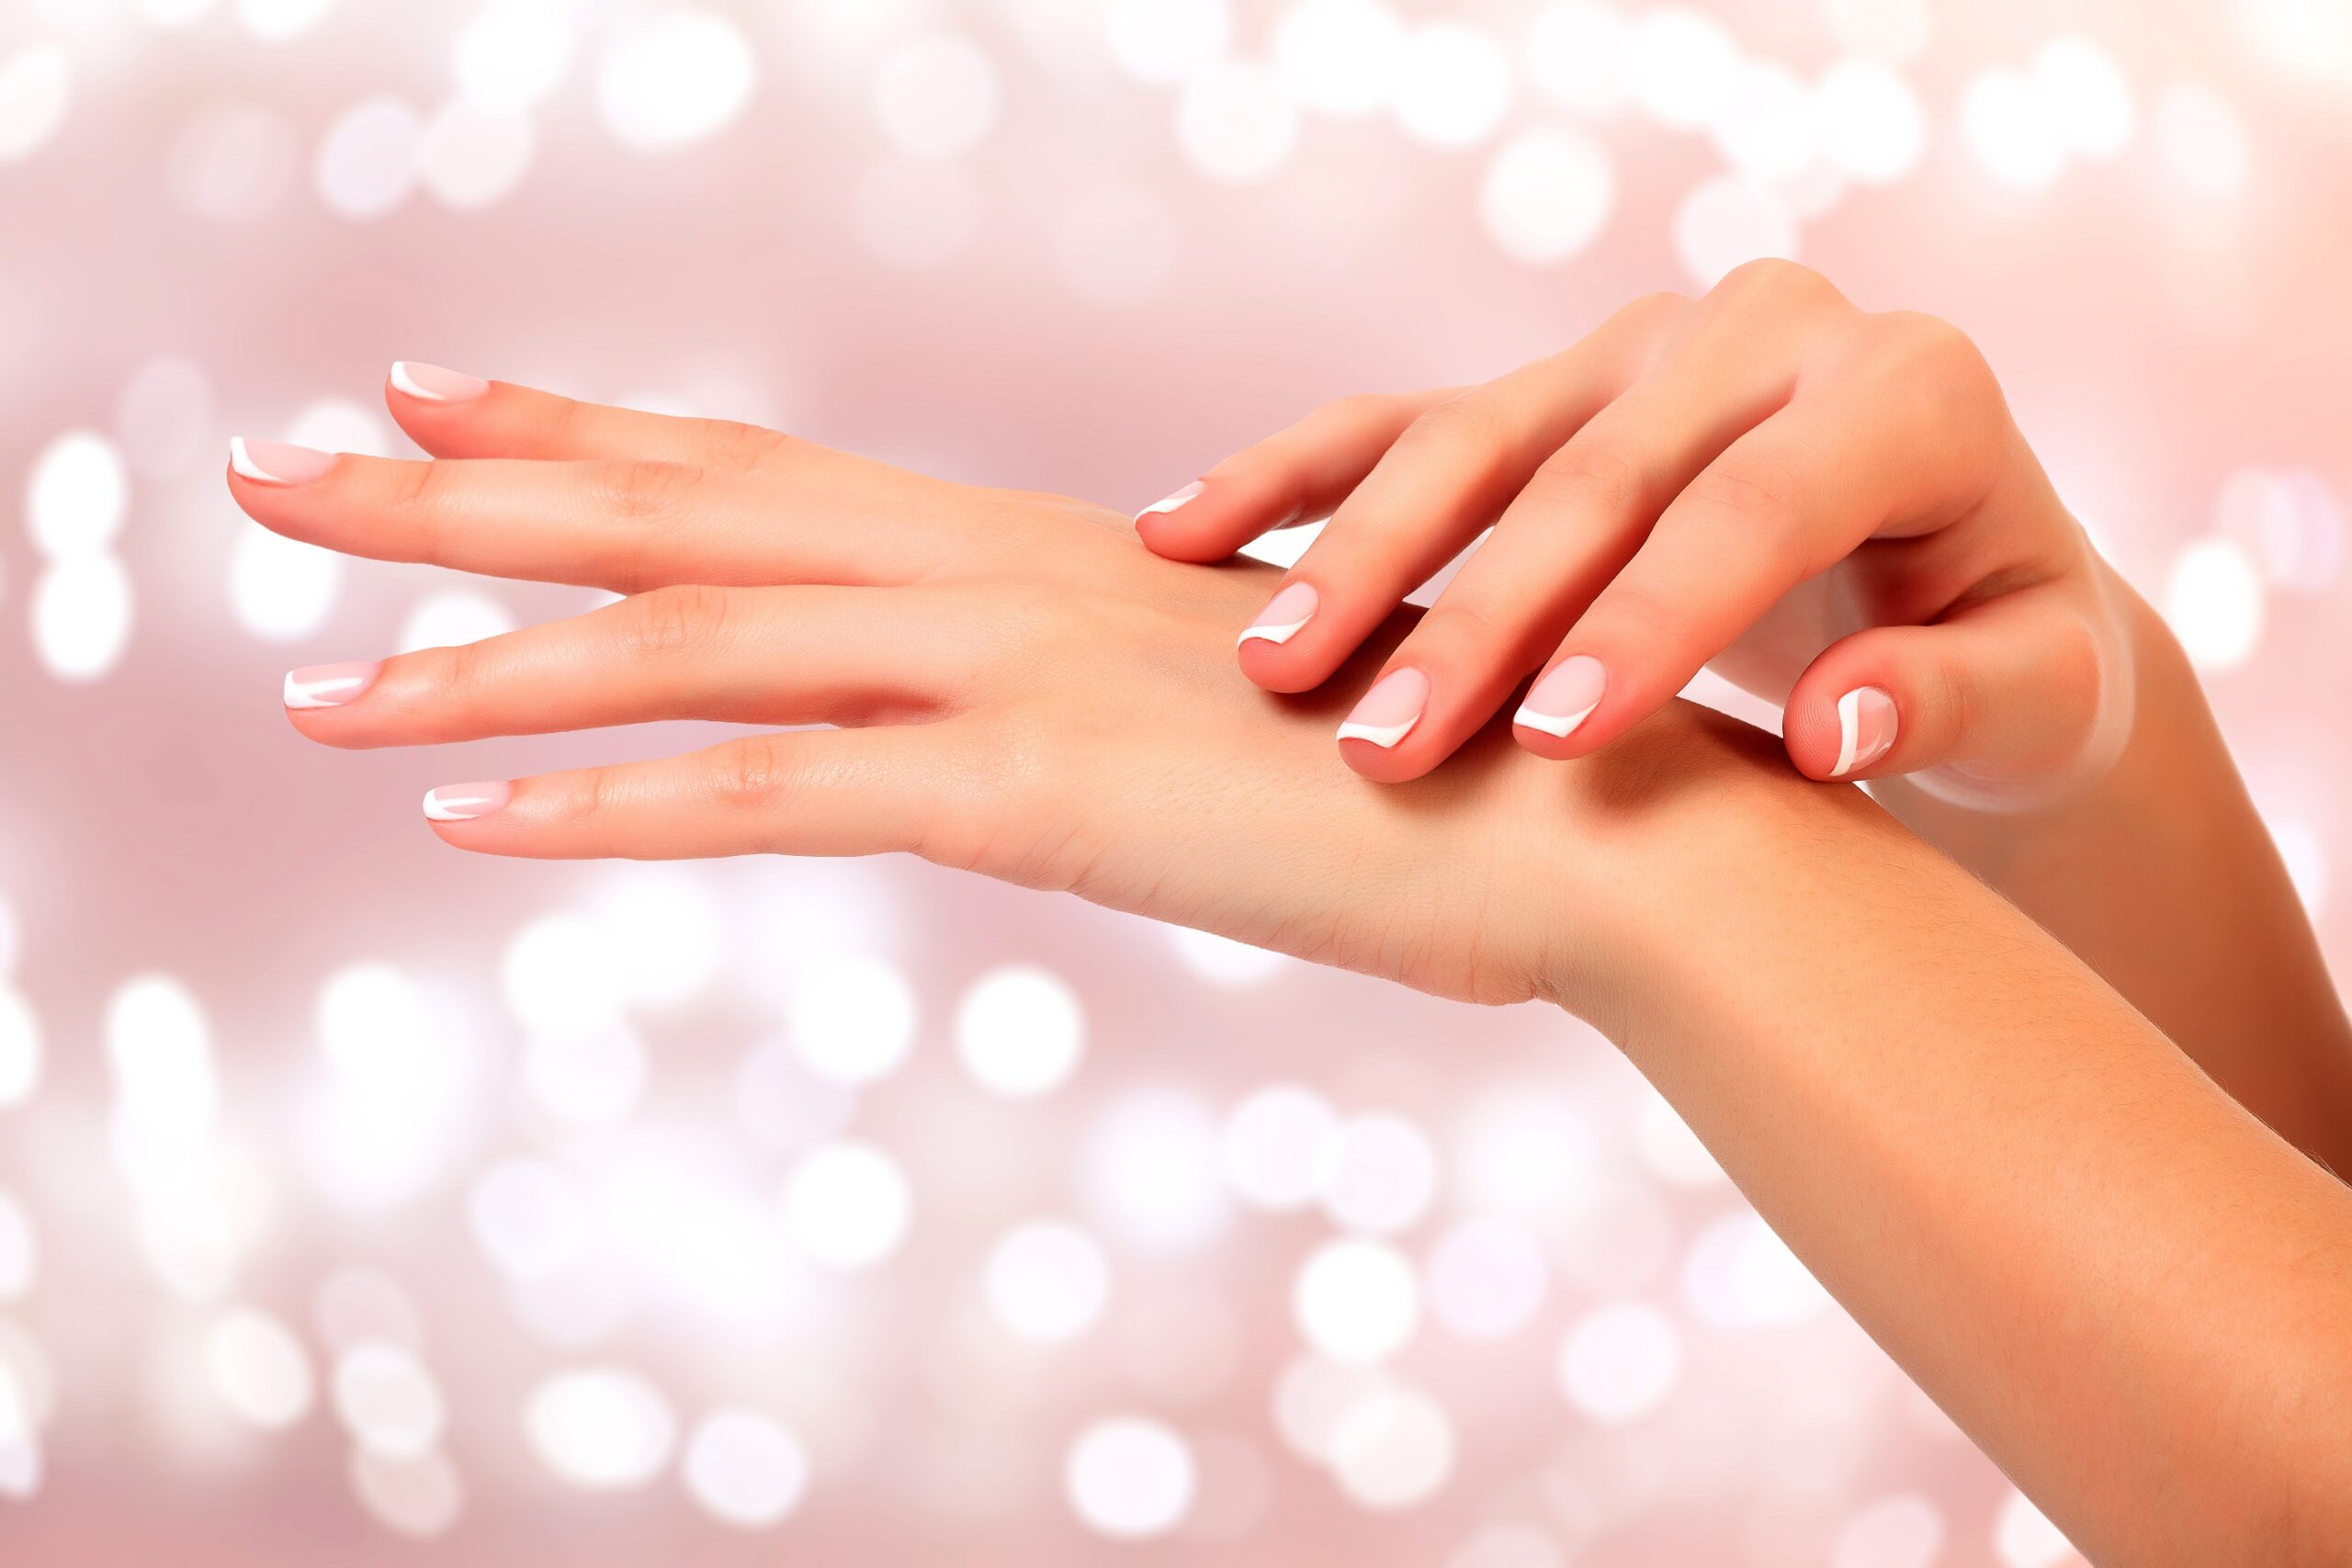 Frumuseţea mâinilor depinde de alegerea unui săpun bun